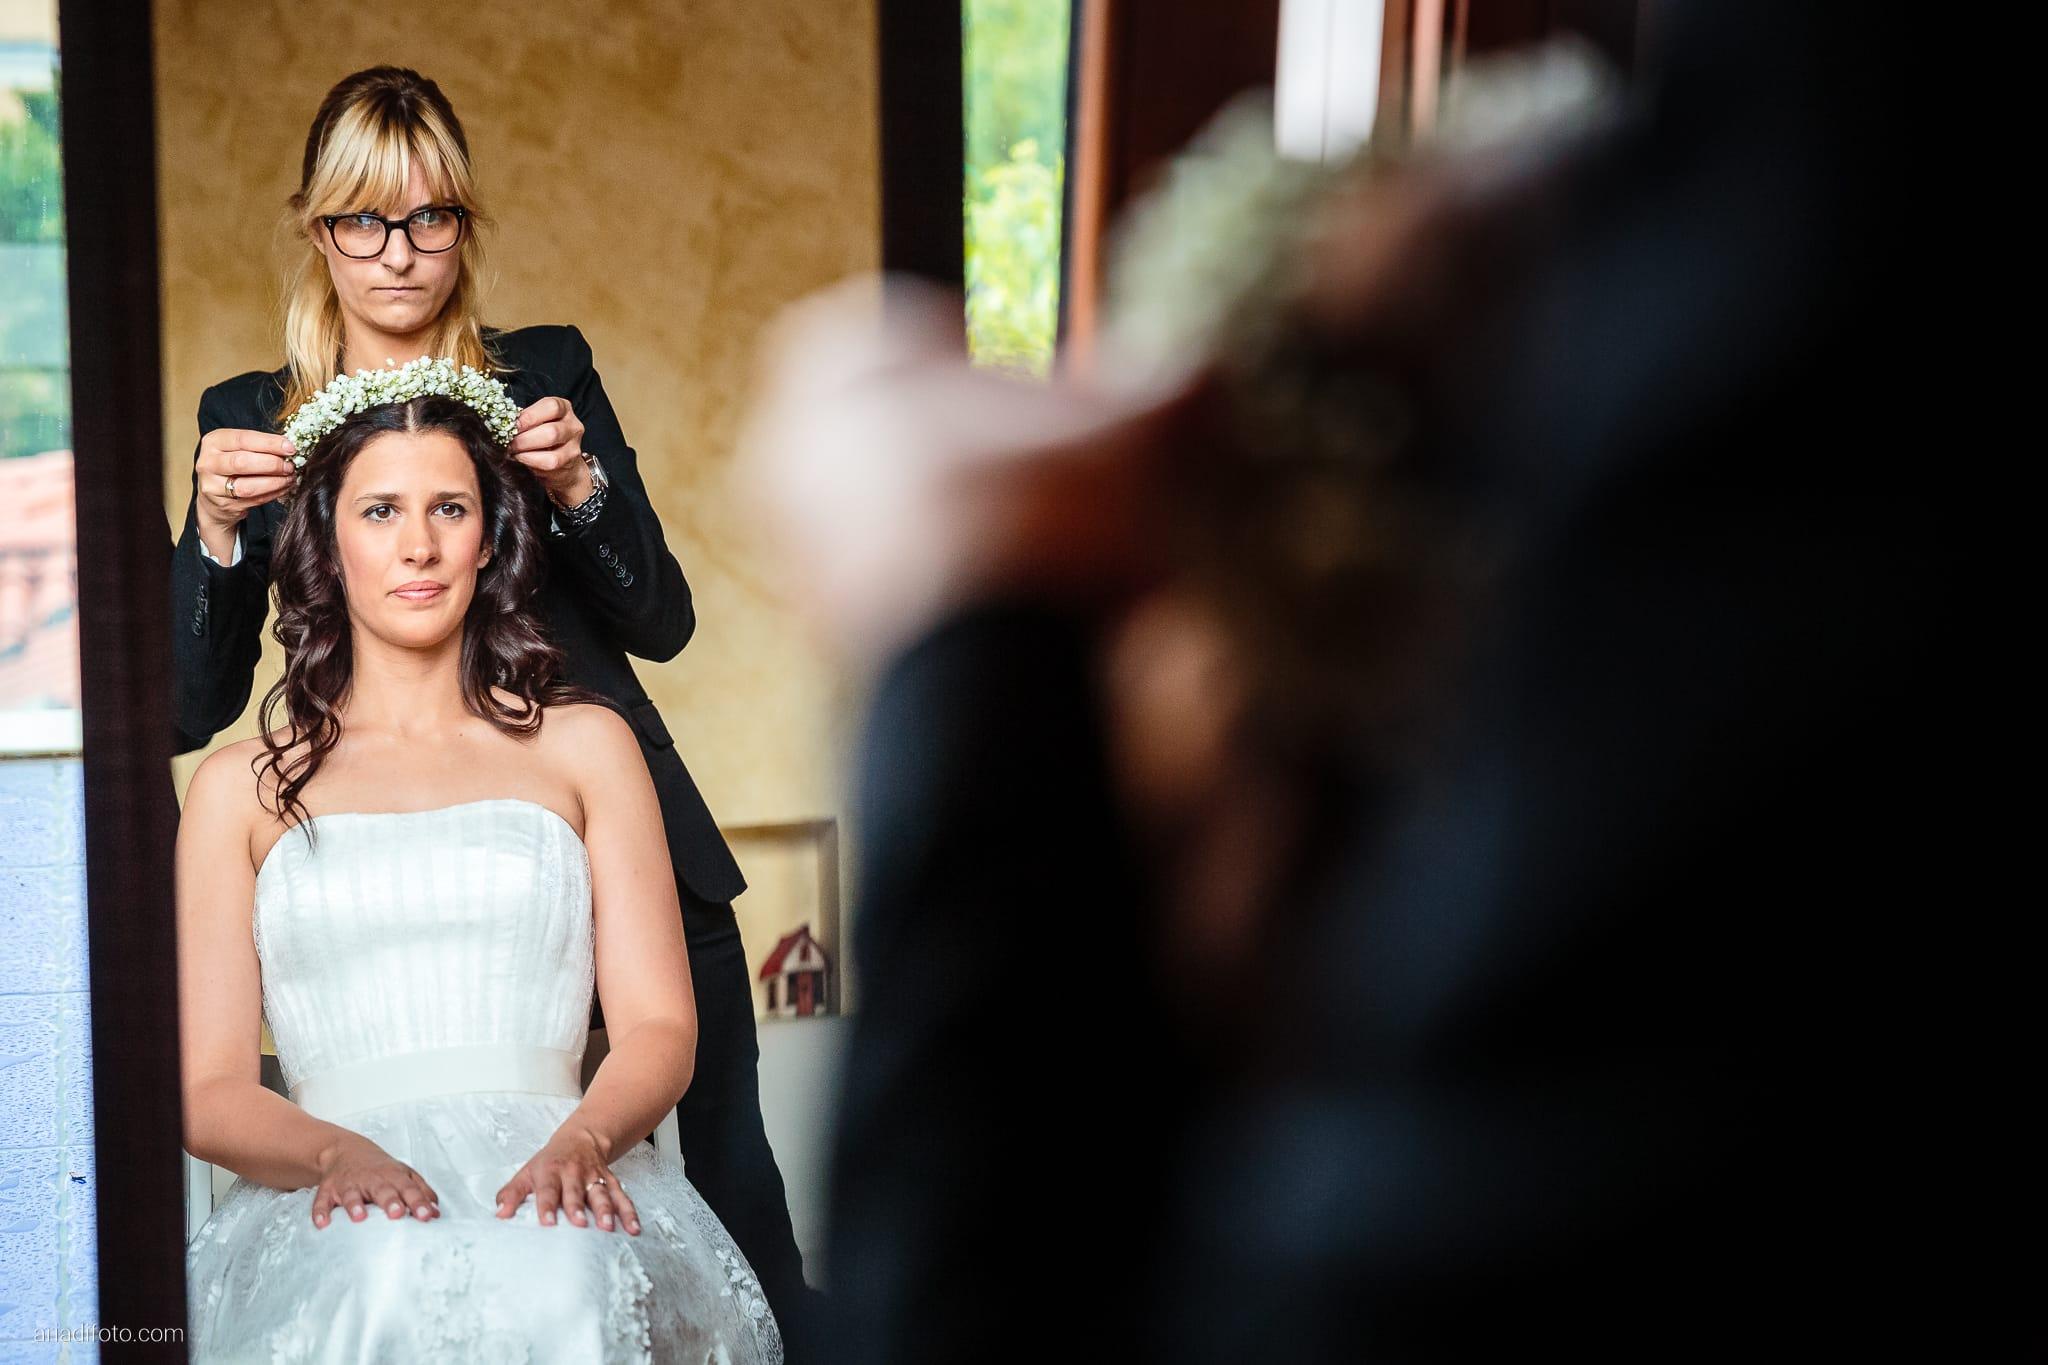 Francesca Andrea Matrimonio Muggia Porto San Rocco Marina San Giusto Trieste preparativi specchio riflesso acconciatura